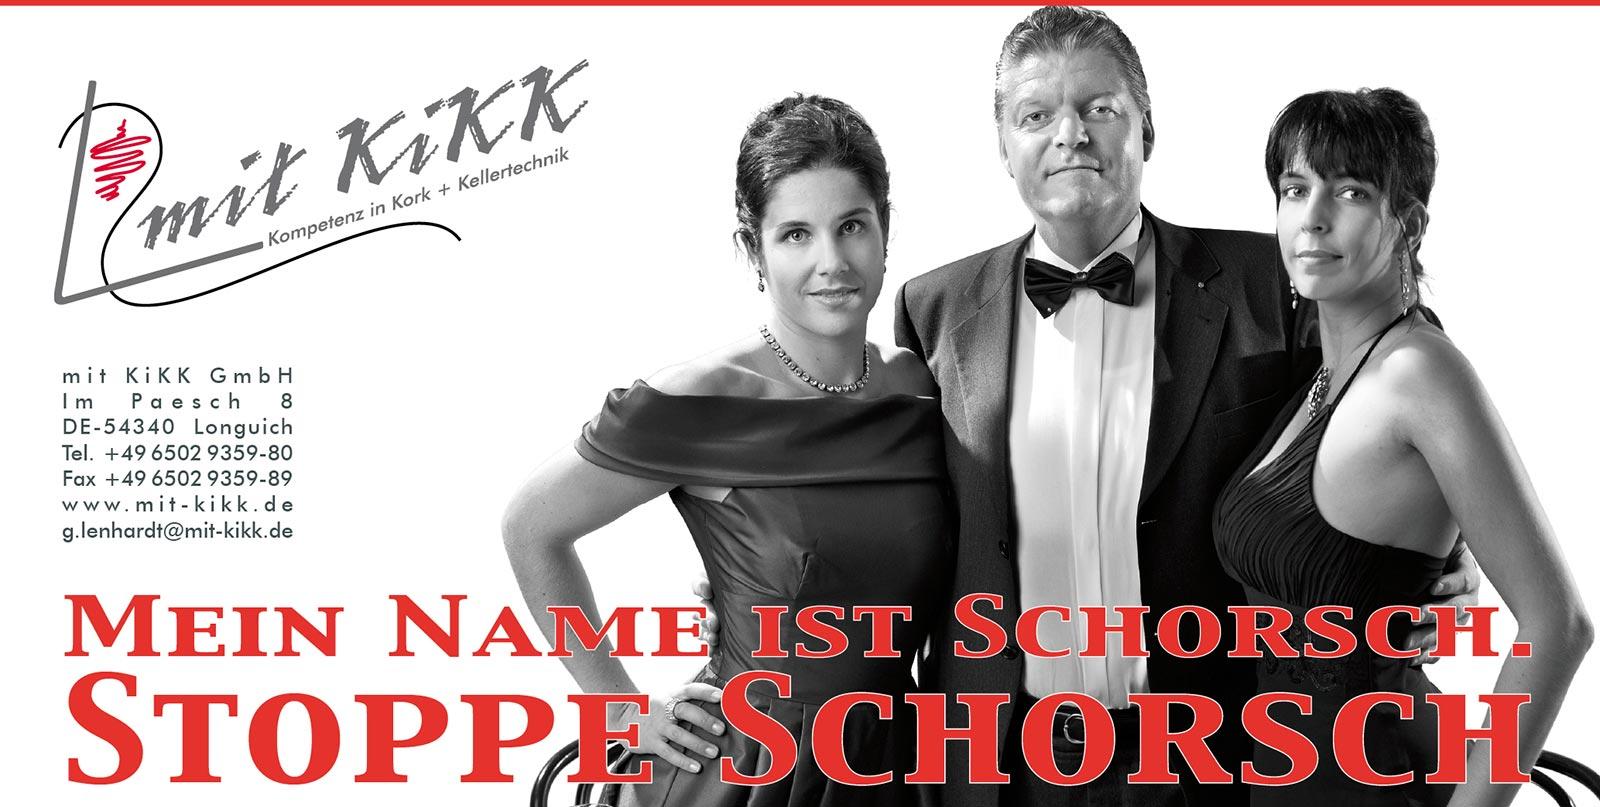 Webekampagne für Mit Kikk GmbH, Stoppe Schorsch, Konzept, Fotografie, Layout: Atelier Yaph Trier